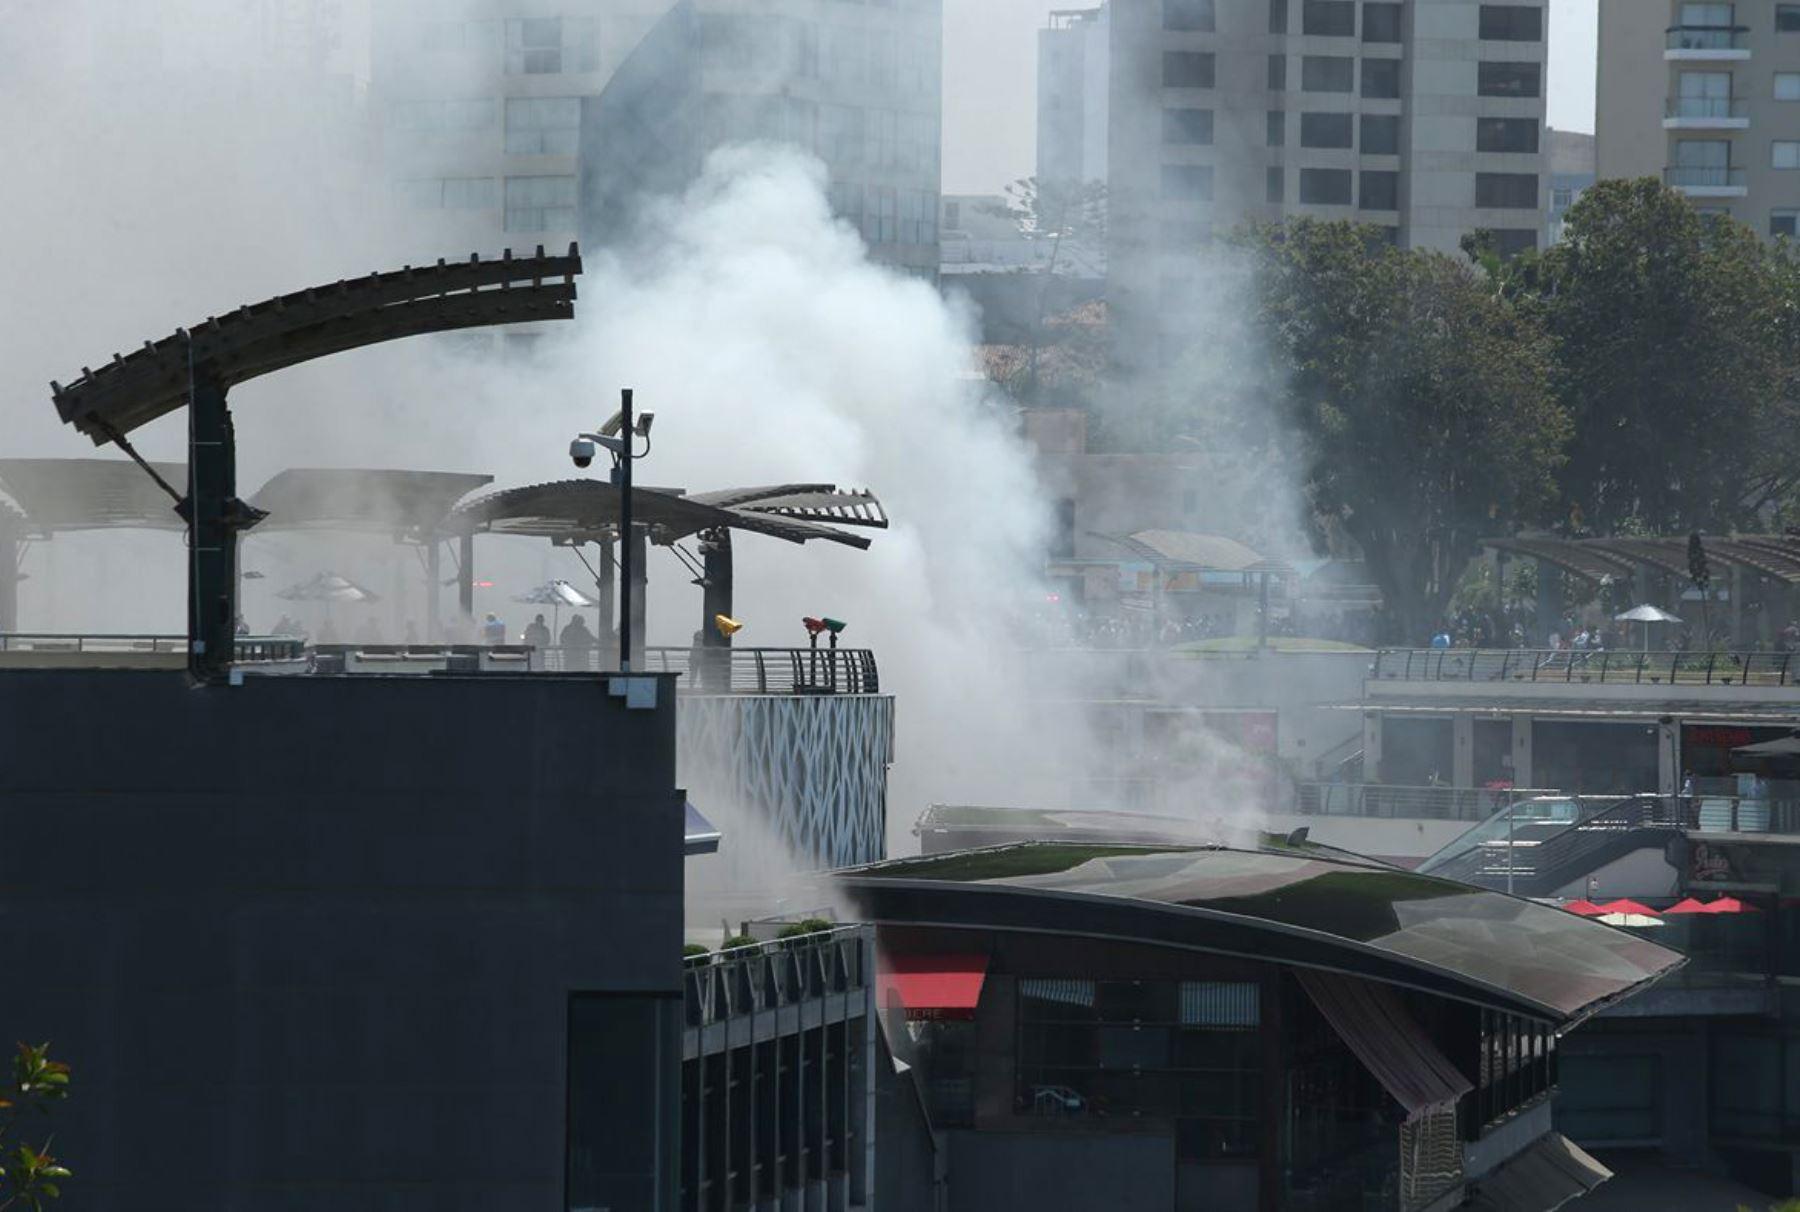 Un incendio se registra en una de las salas del cine UVK en el centro comercial Larcomar, en el distrito de Miraflores. Foto: ANDINA/Melina Mejía.